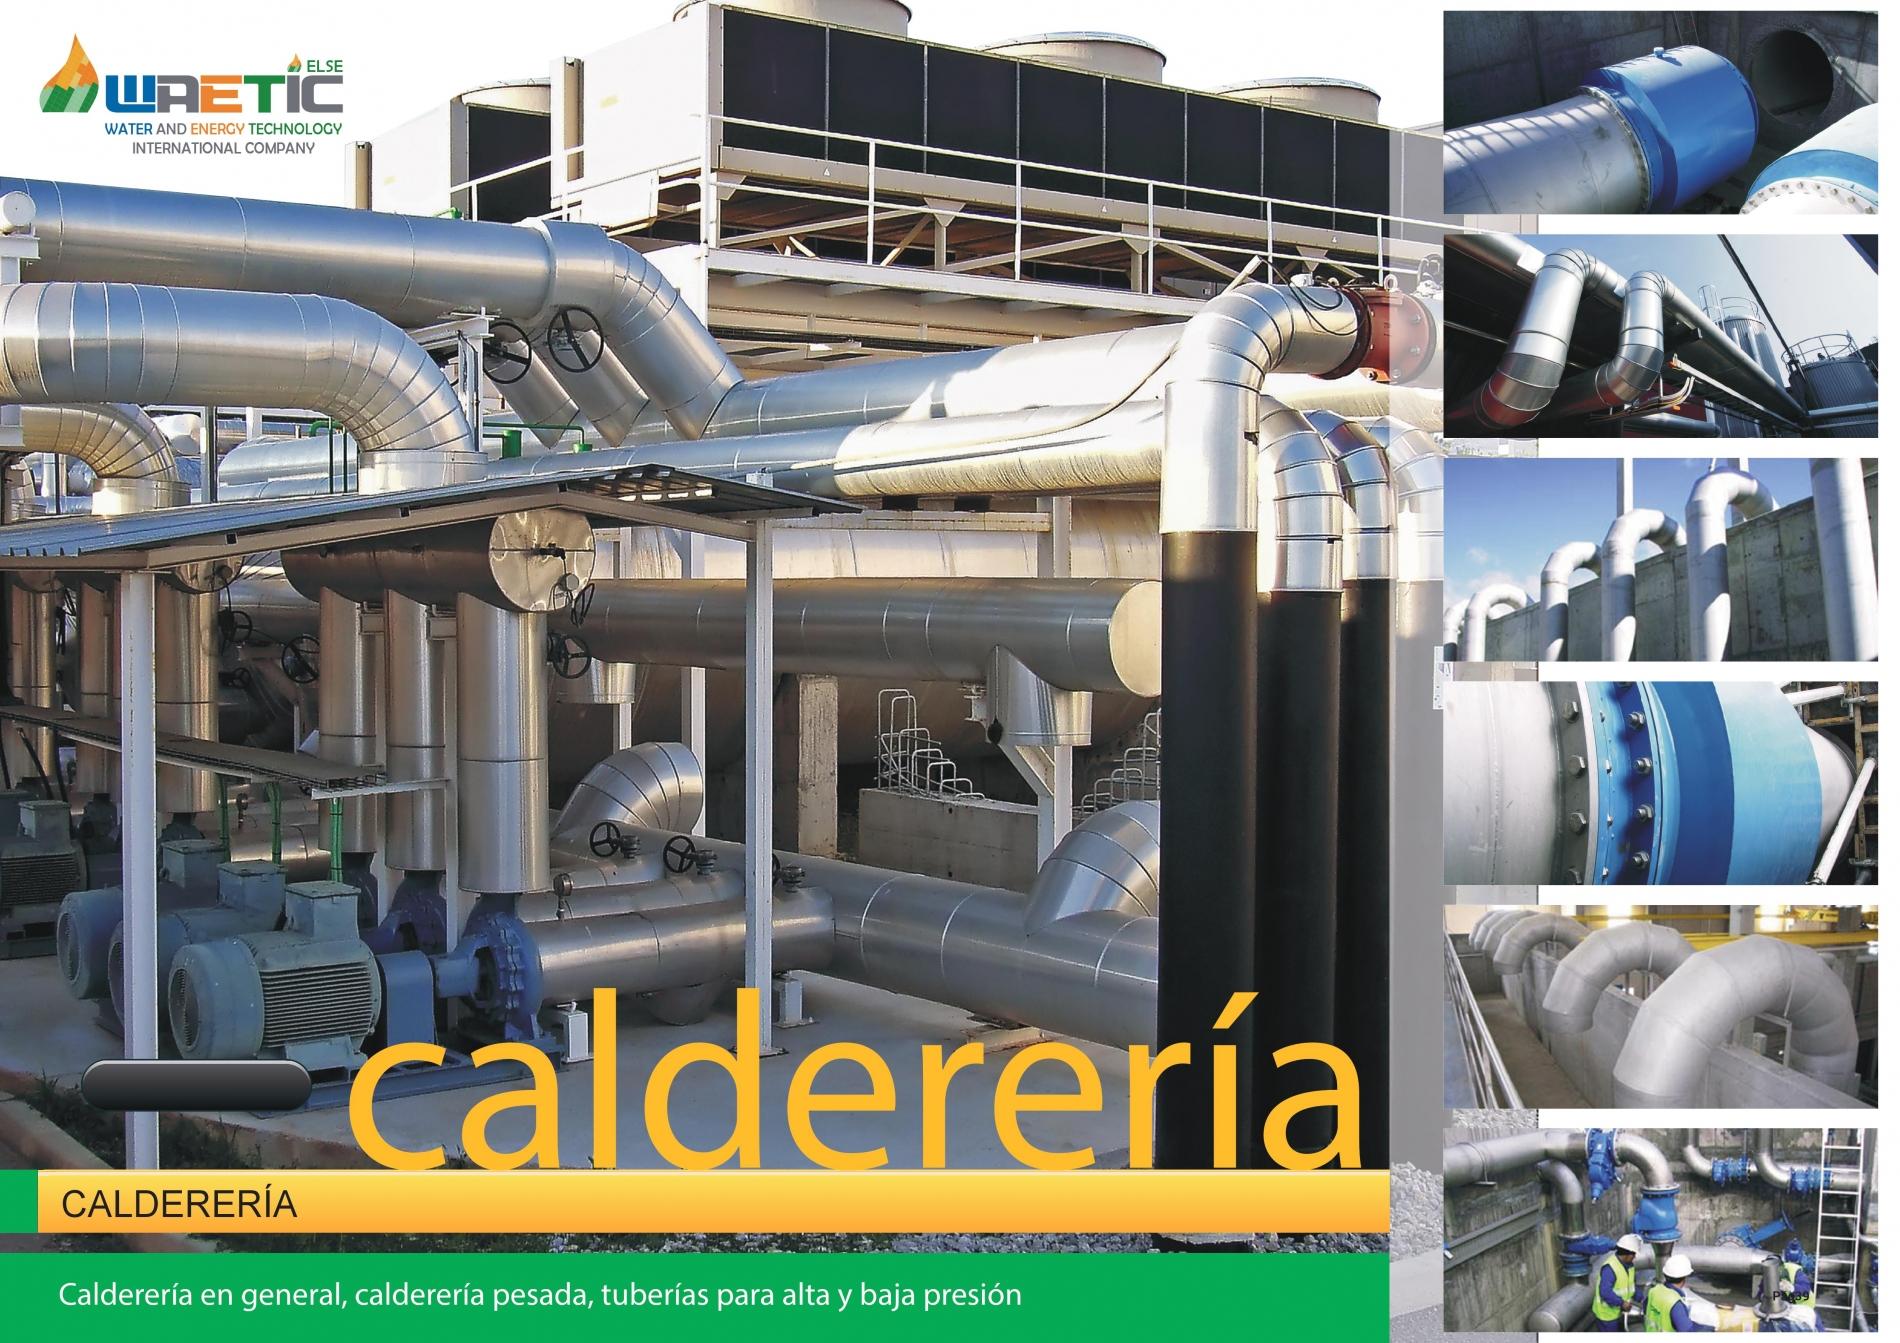 Caldereria